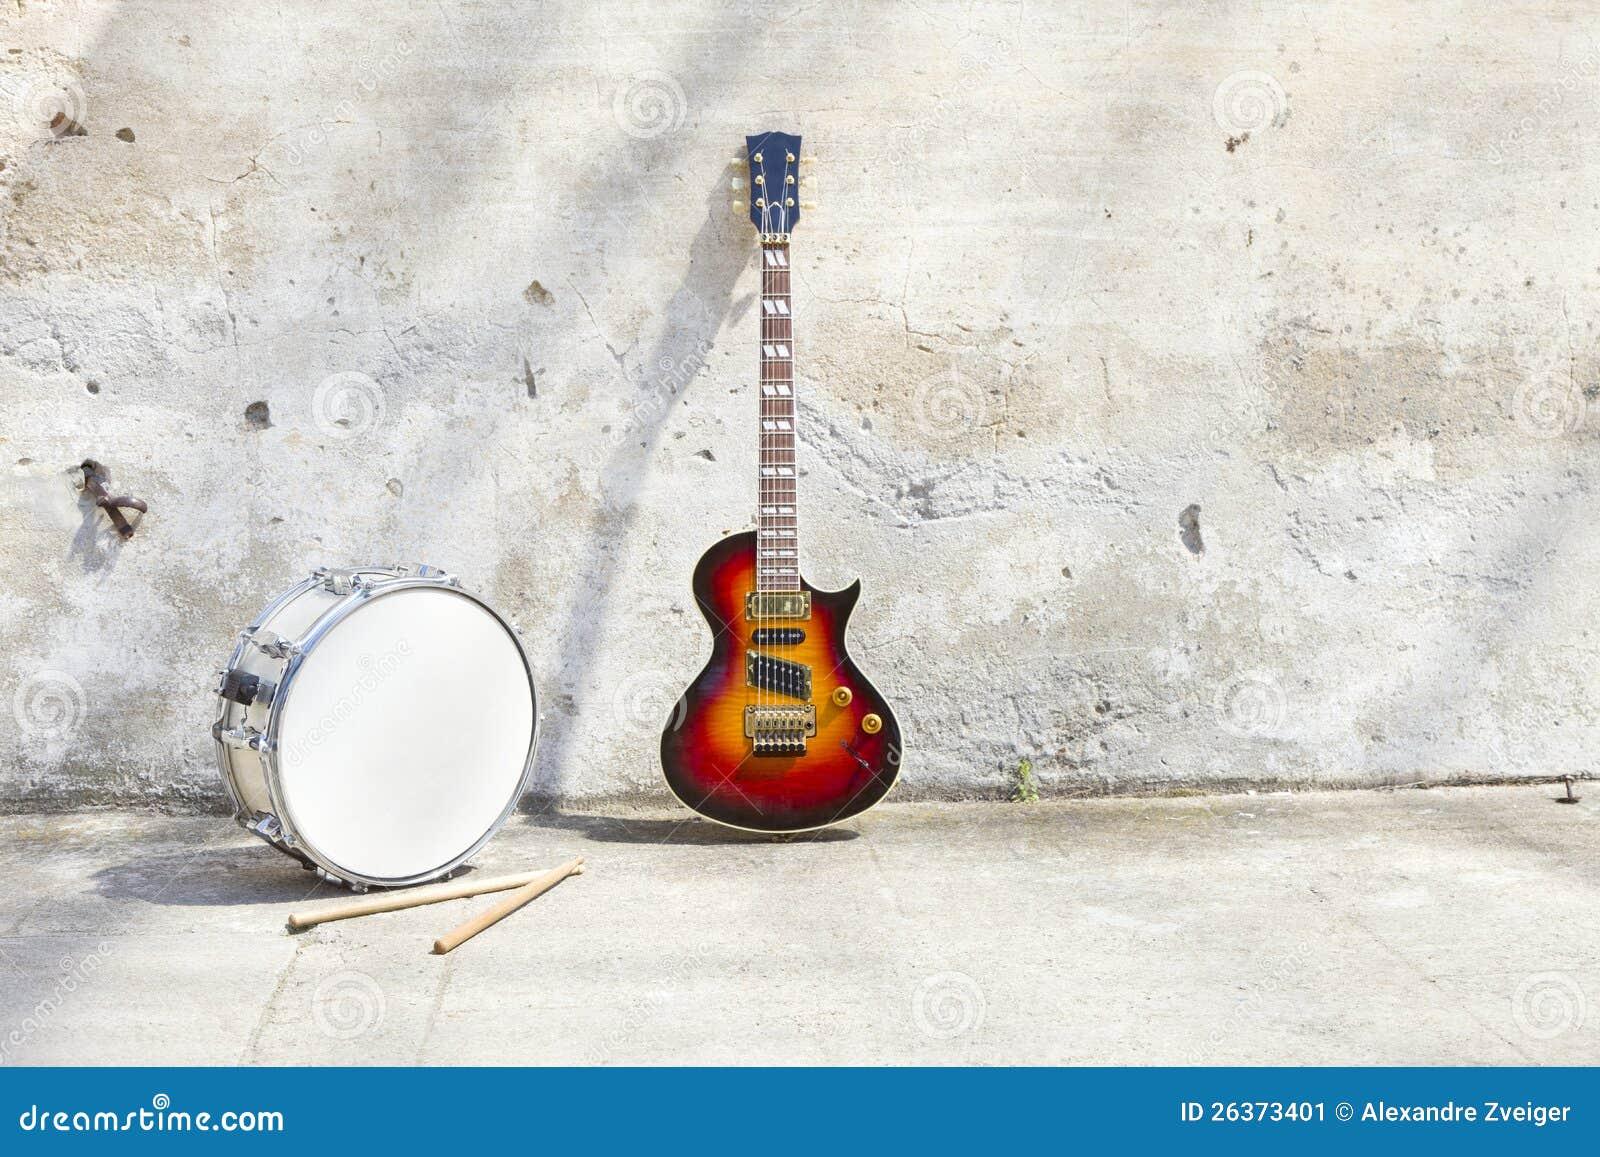 E-Gitarre und Trommel vor einer Weinlesewand